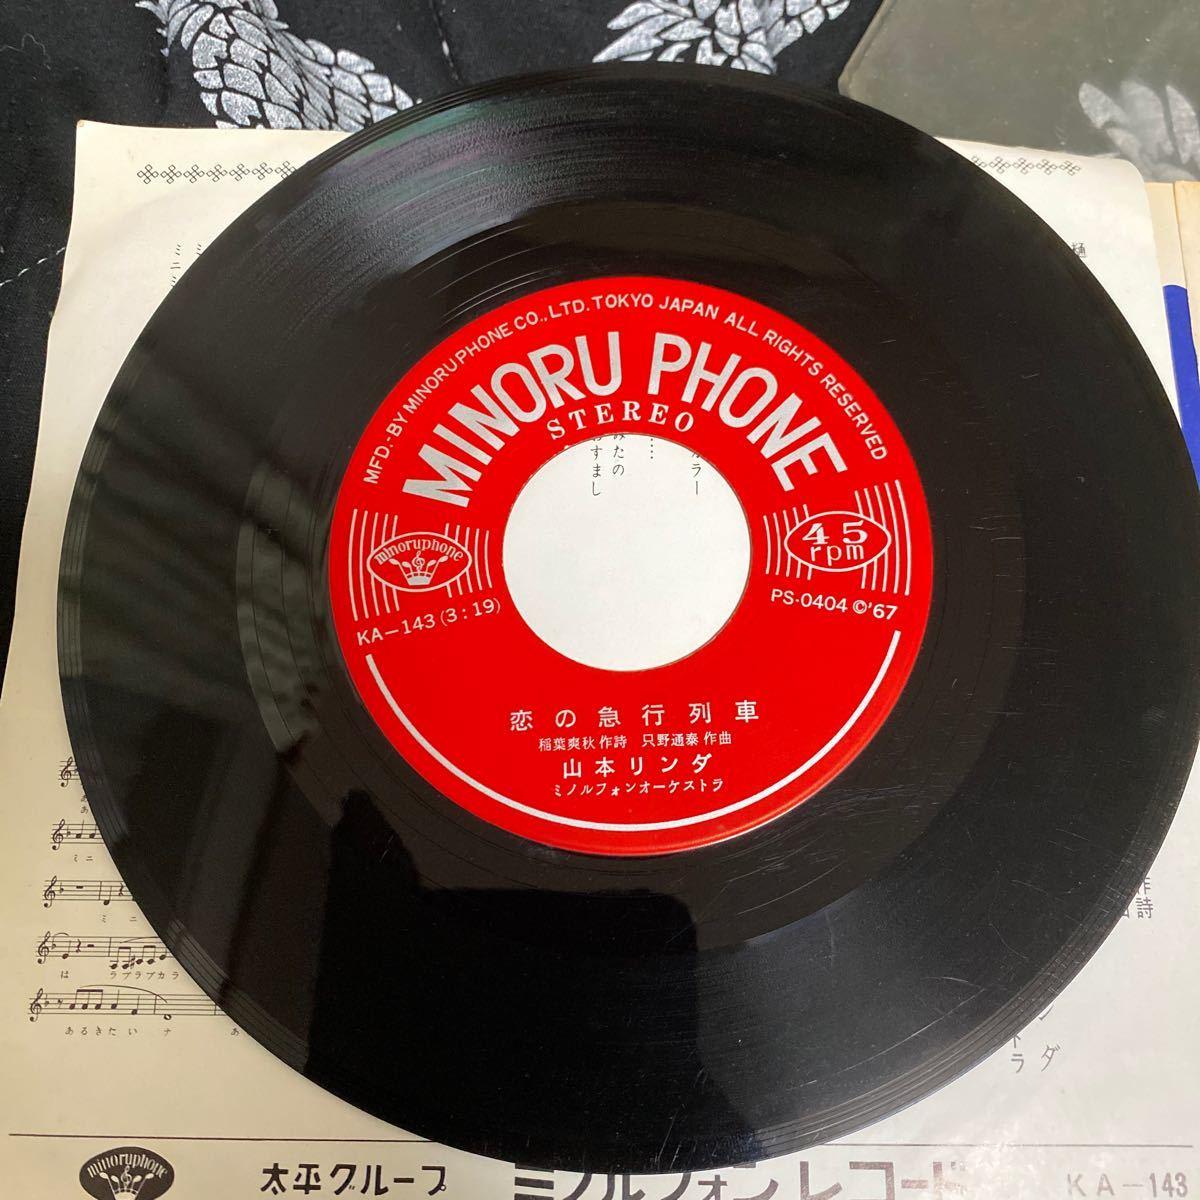 試聴済 山本リンダ ミニミニデート 恋の急行列車 シングルレコードEP盤 和モノ 昭和歌謡 マイナー歌謡 KA-143_画像3